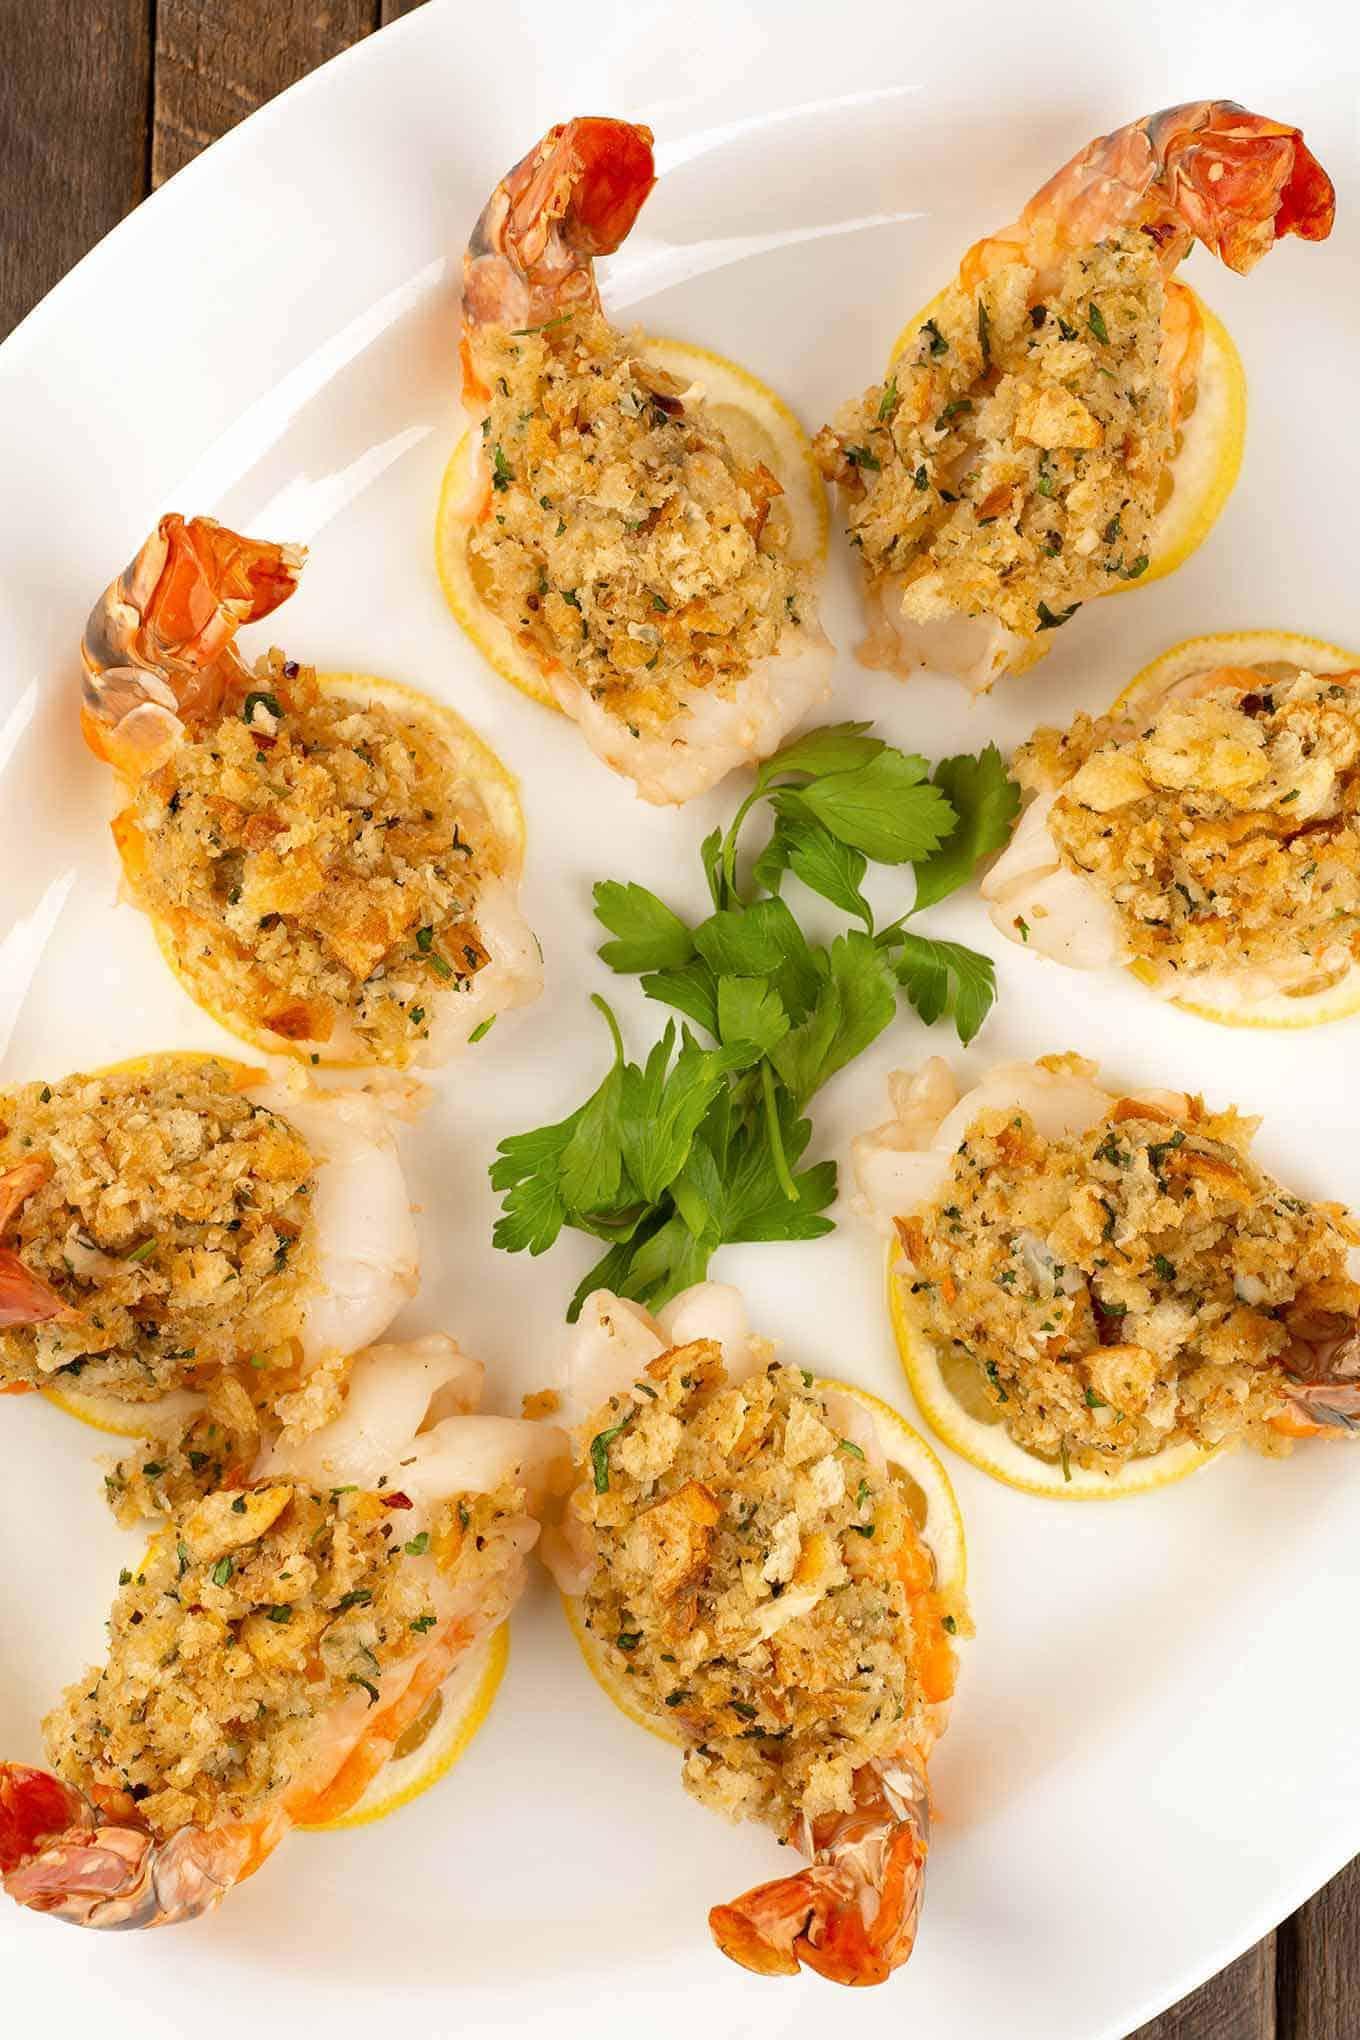 Baked stuffed shrimp on an oval platter